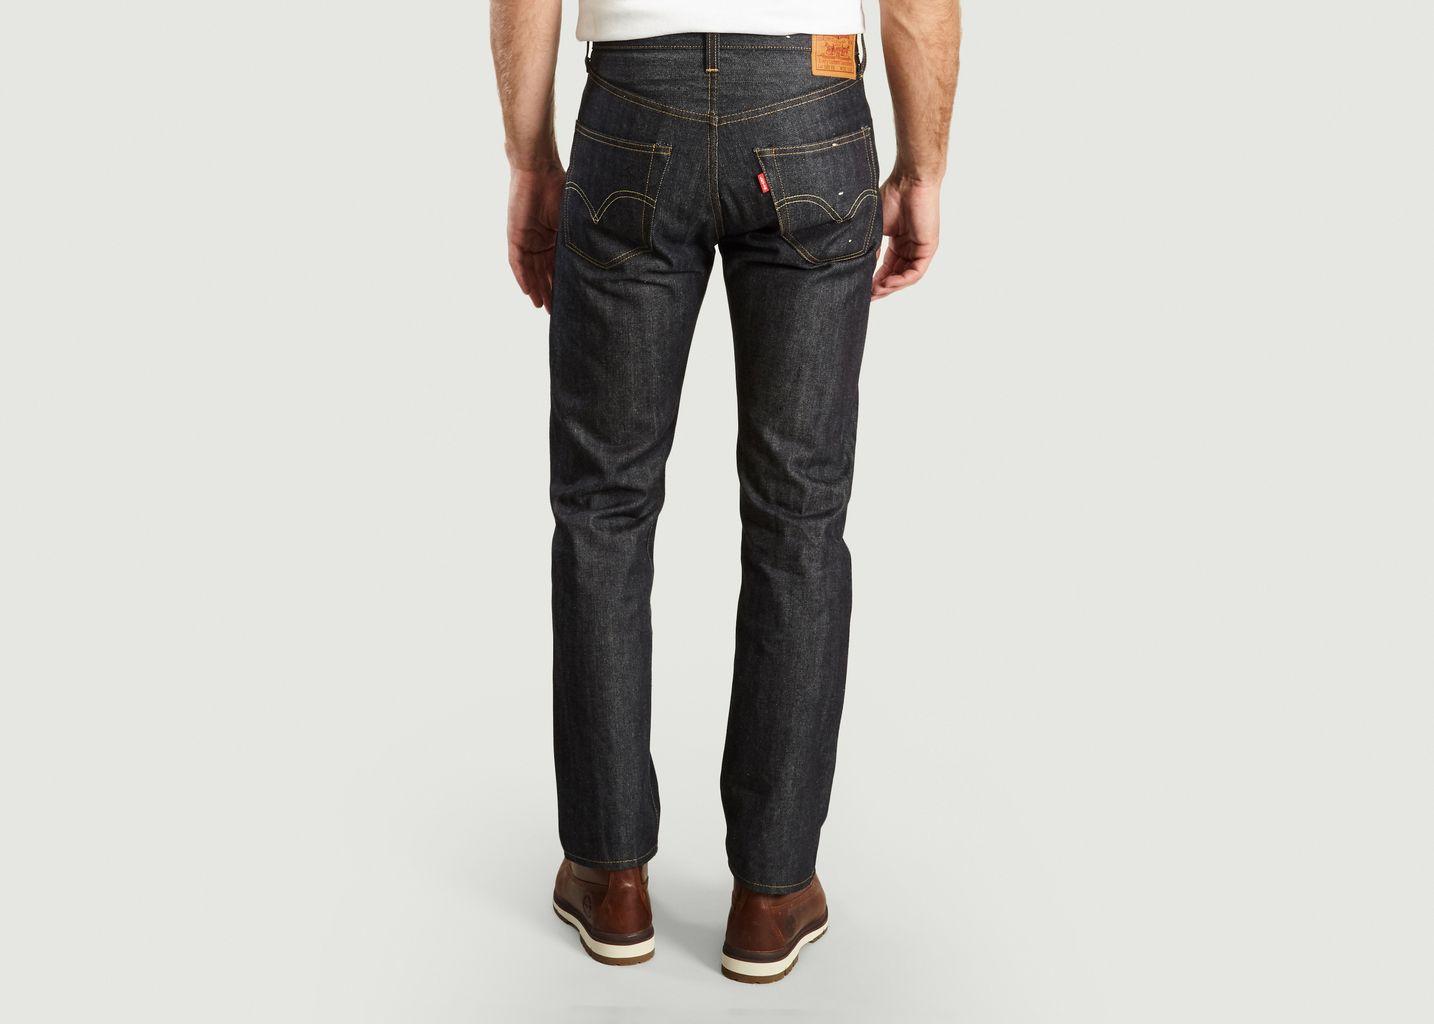 Jeans 502 de 1947 - Levi's Vintage Clothing